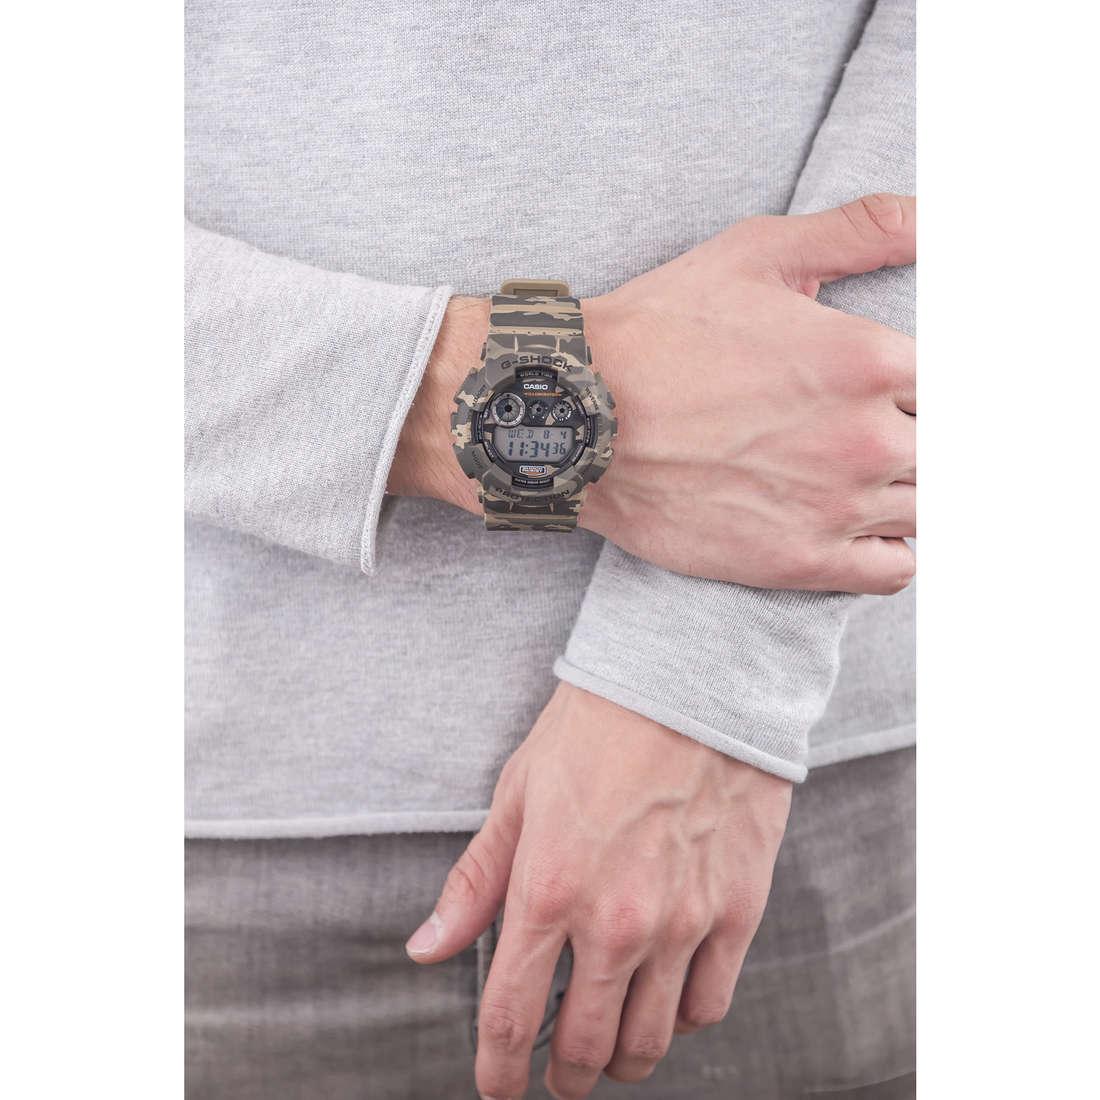 Casio digitali G-Shock uomo GD-120CM-5ER indosso